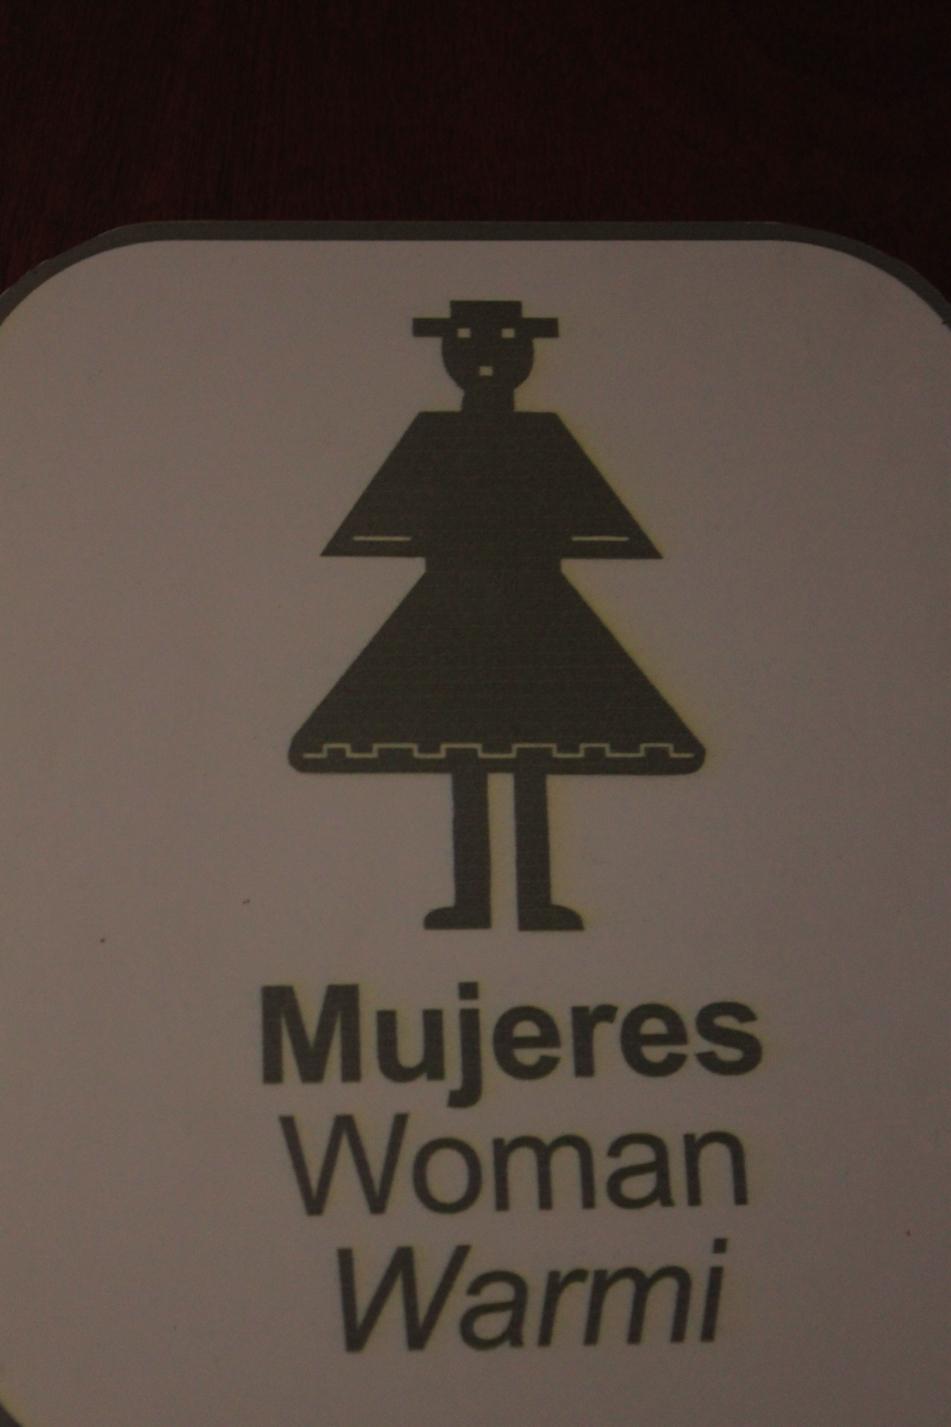 Spanisch, Englisch und Kichwa. Letzteres ist eine Abwandlung von Quechua, der Sprache der Inkas.